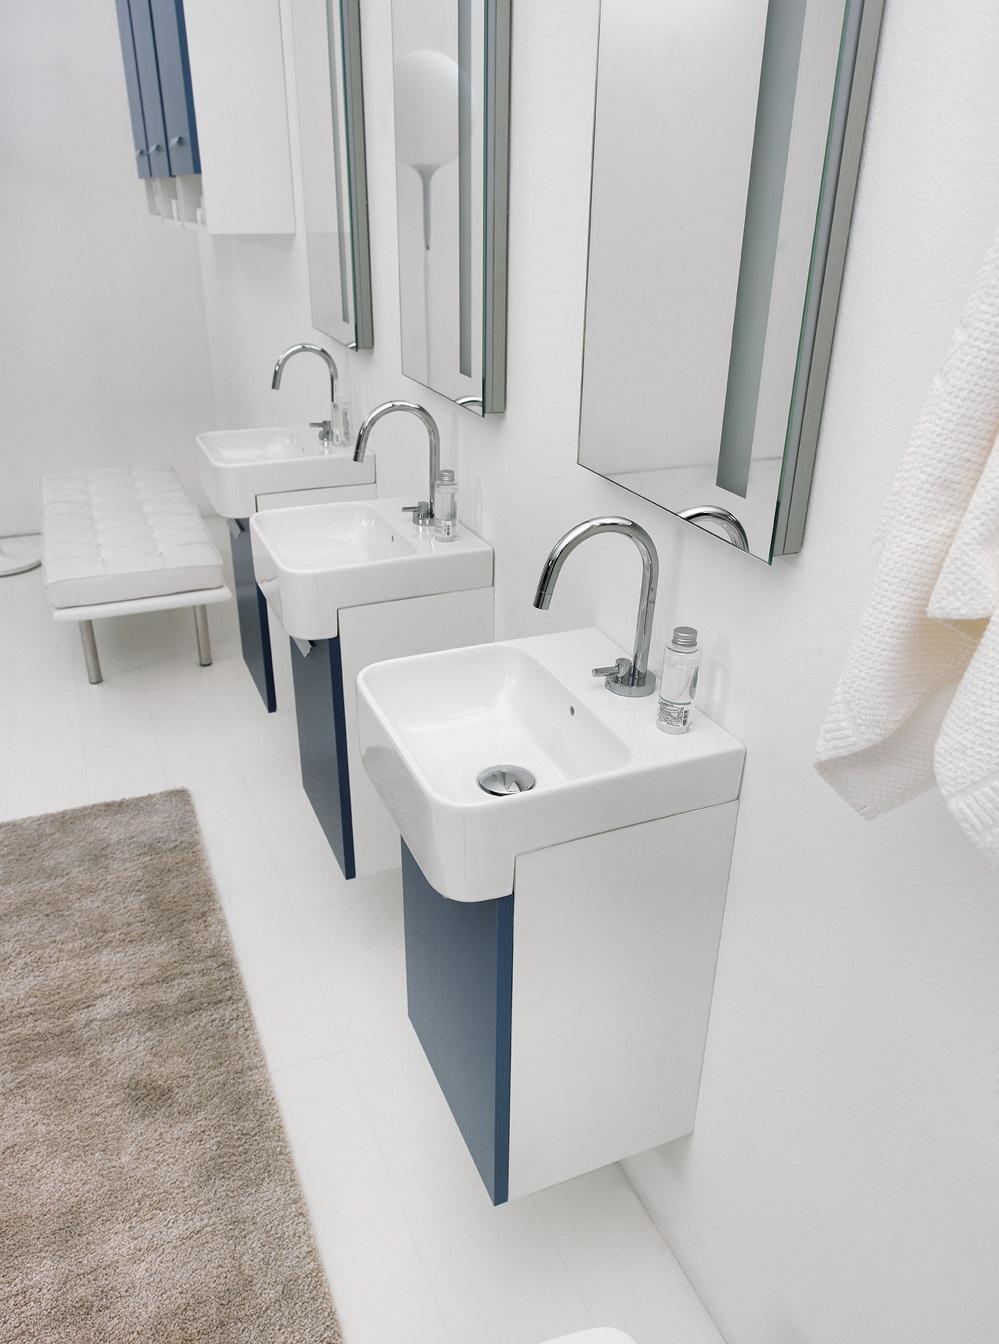 Immagini Di Bagni Piccoli lavabi smart per il bagno/lavanderia acquaceramica mini